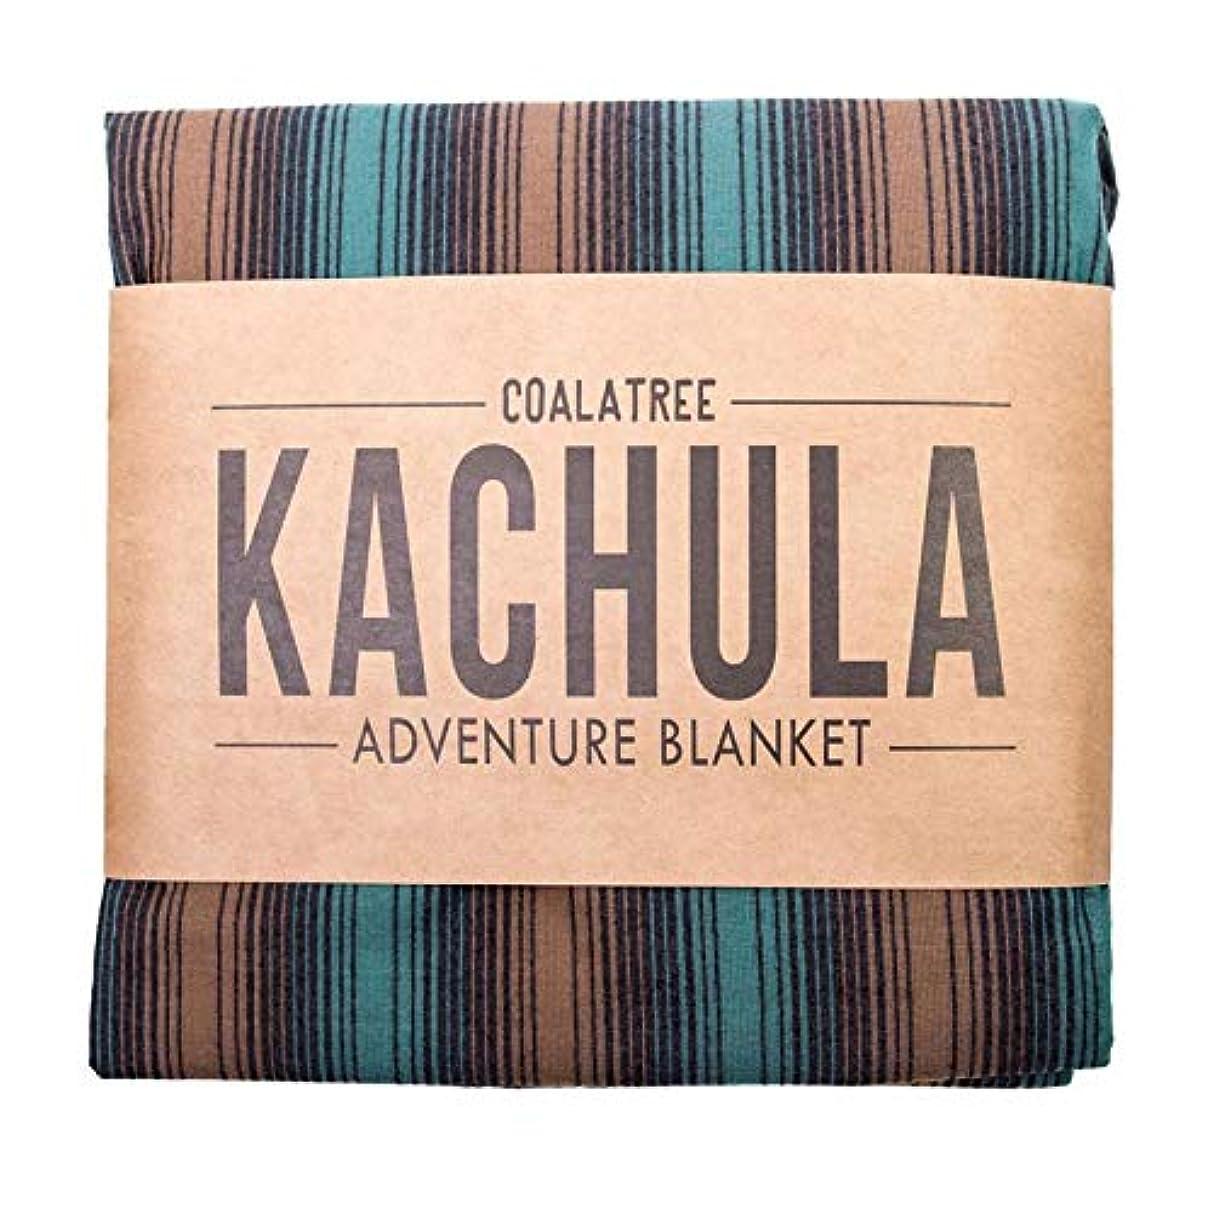 ベスト本質的に応じるKachula カチュラ 多機能 アドベンチャー ブランケット キャンプ レジャーシート ポンチョ 防水 防汚 クッション 防災グッズ 災害対策 これ1枚で便利